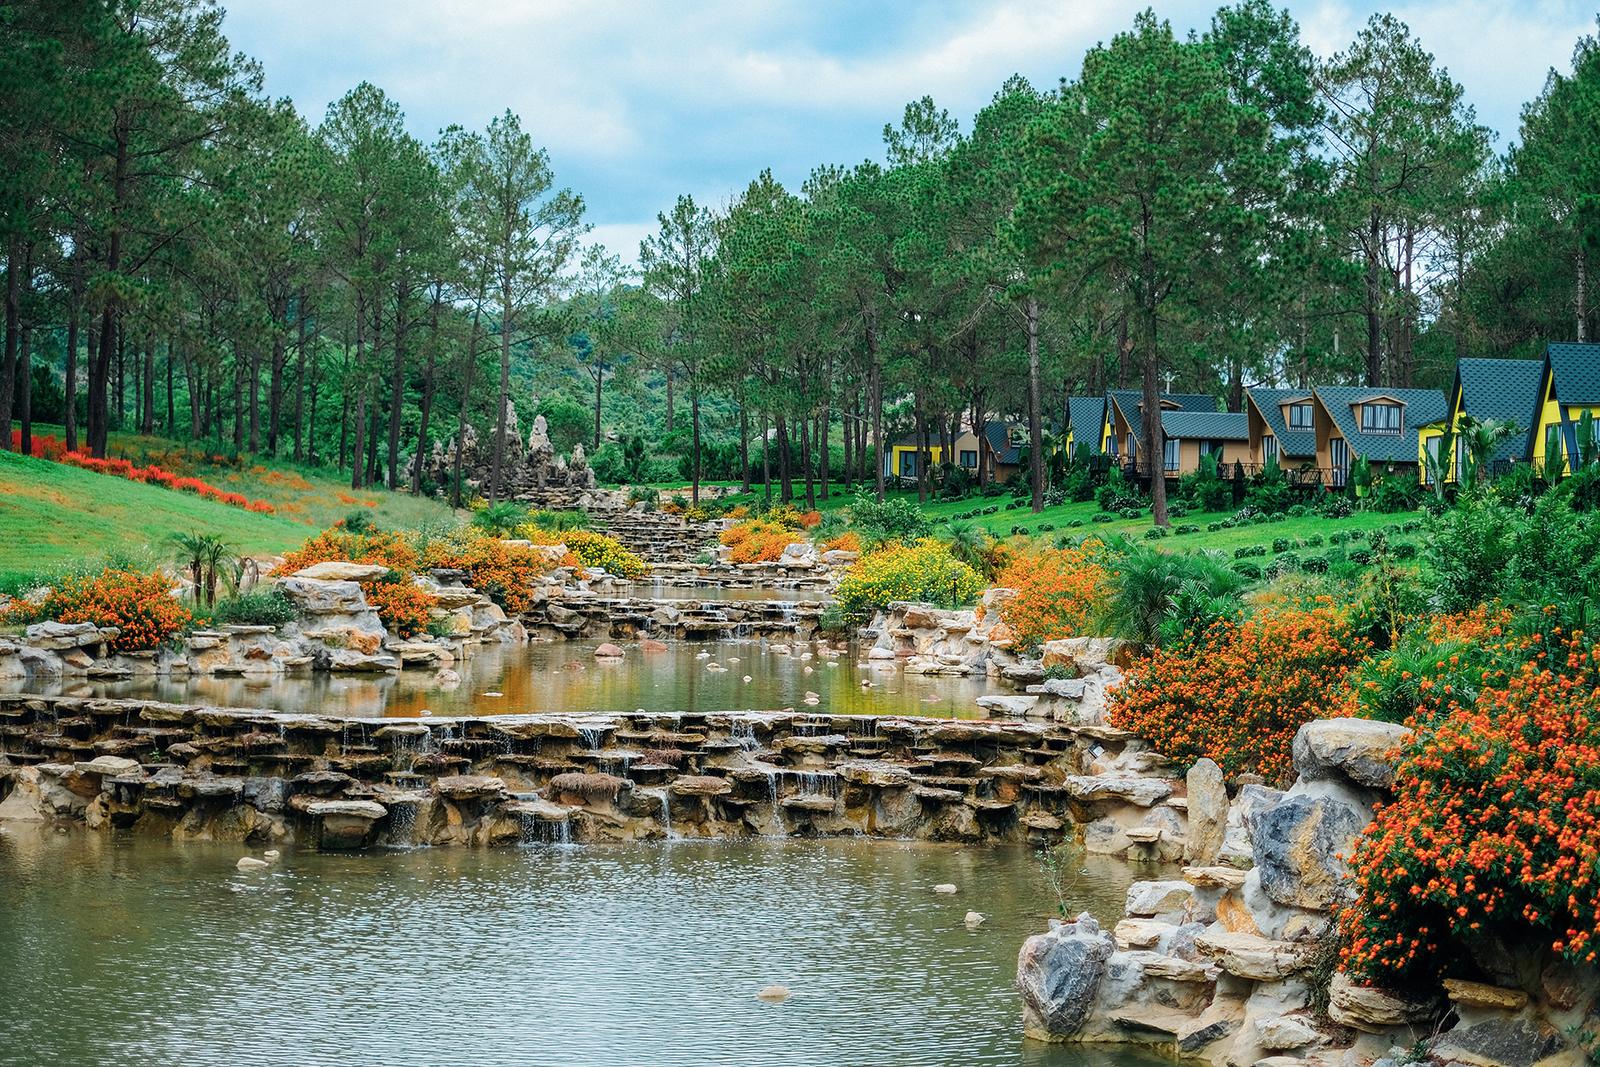 Camping-Rung-Thong-Ban-Ang-4-8672-162565